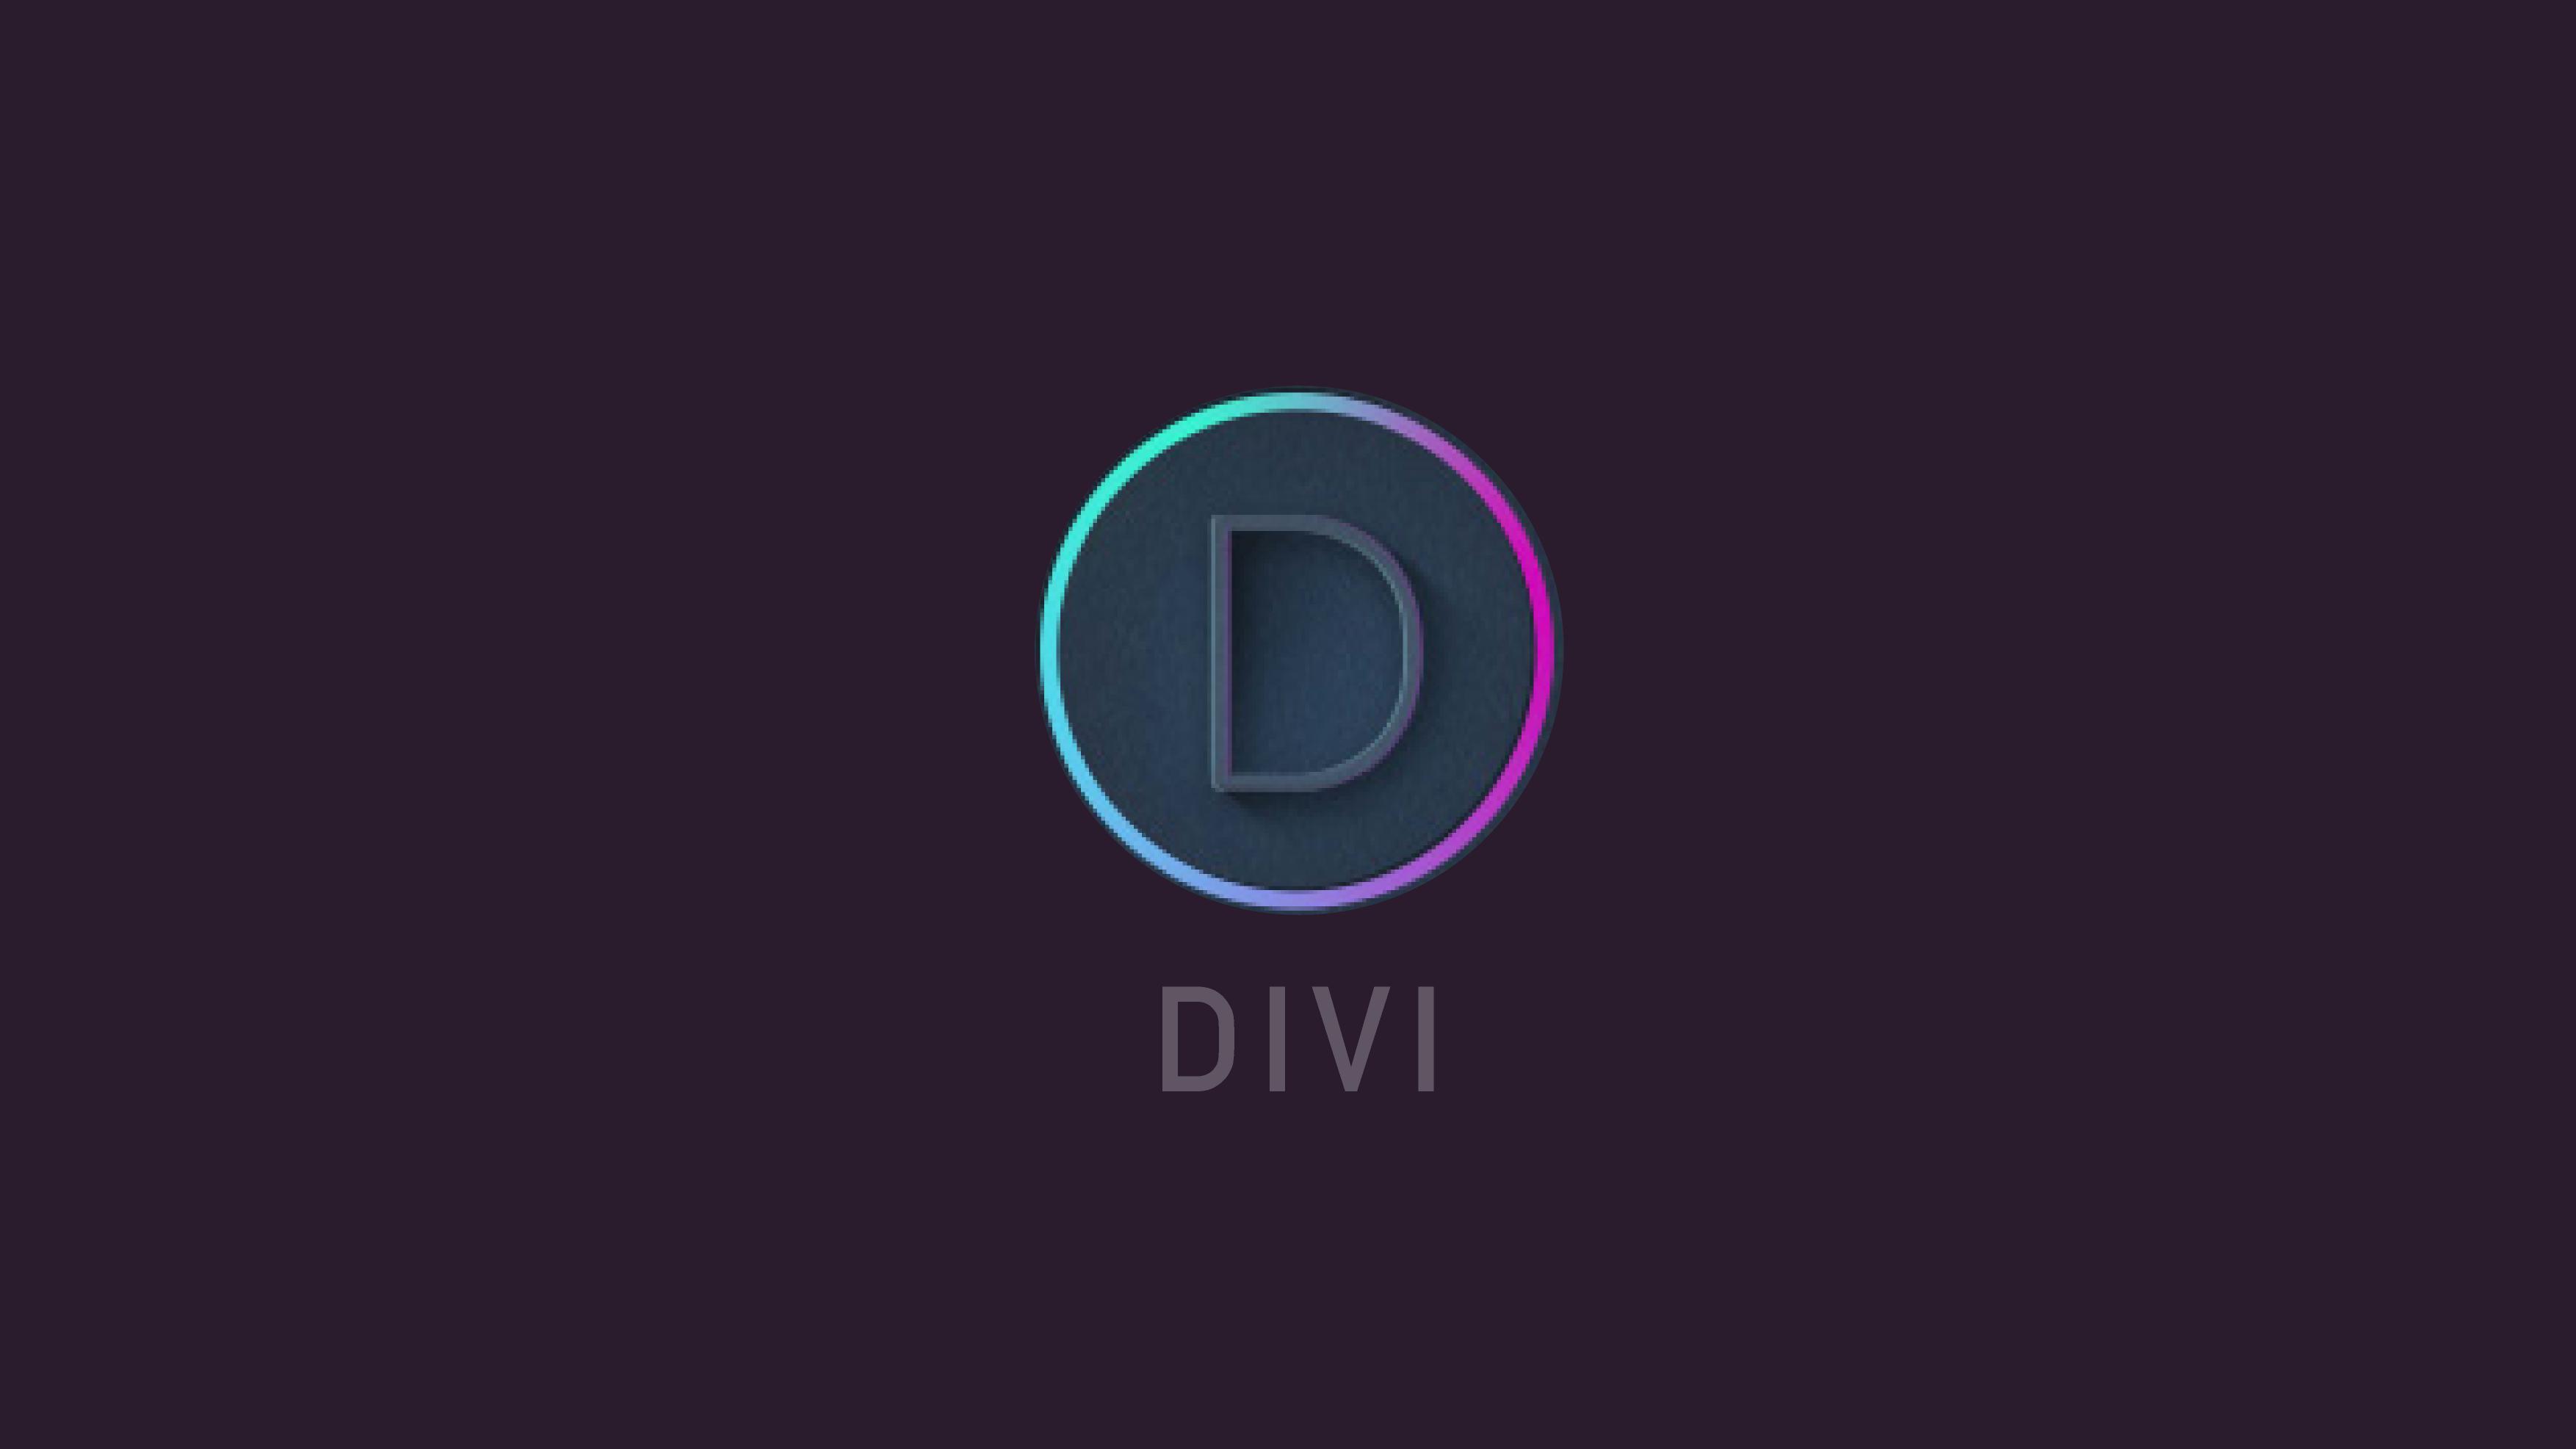 divi image02 01 e1608539220288